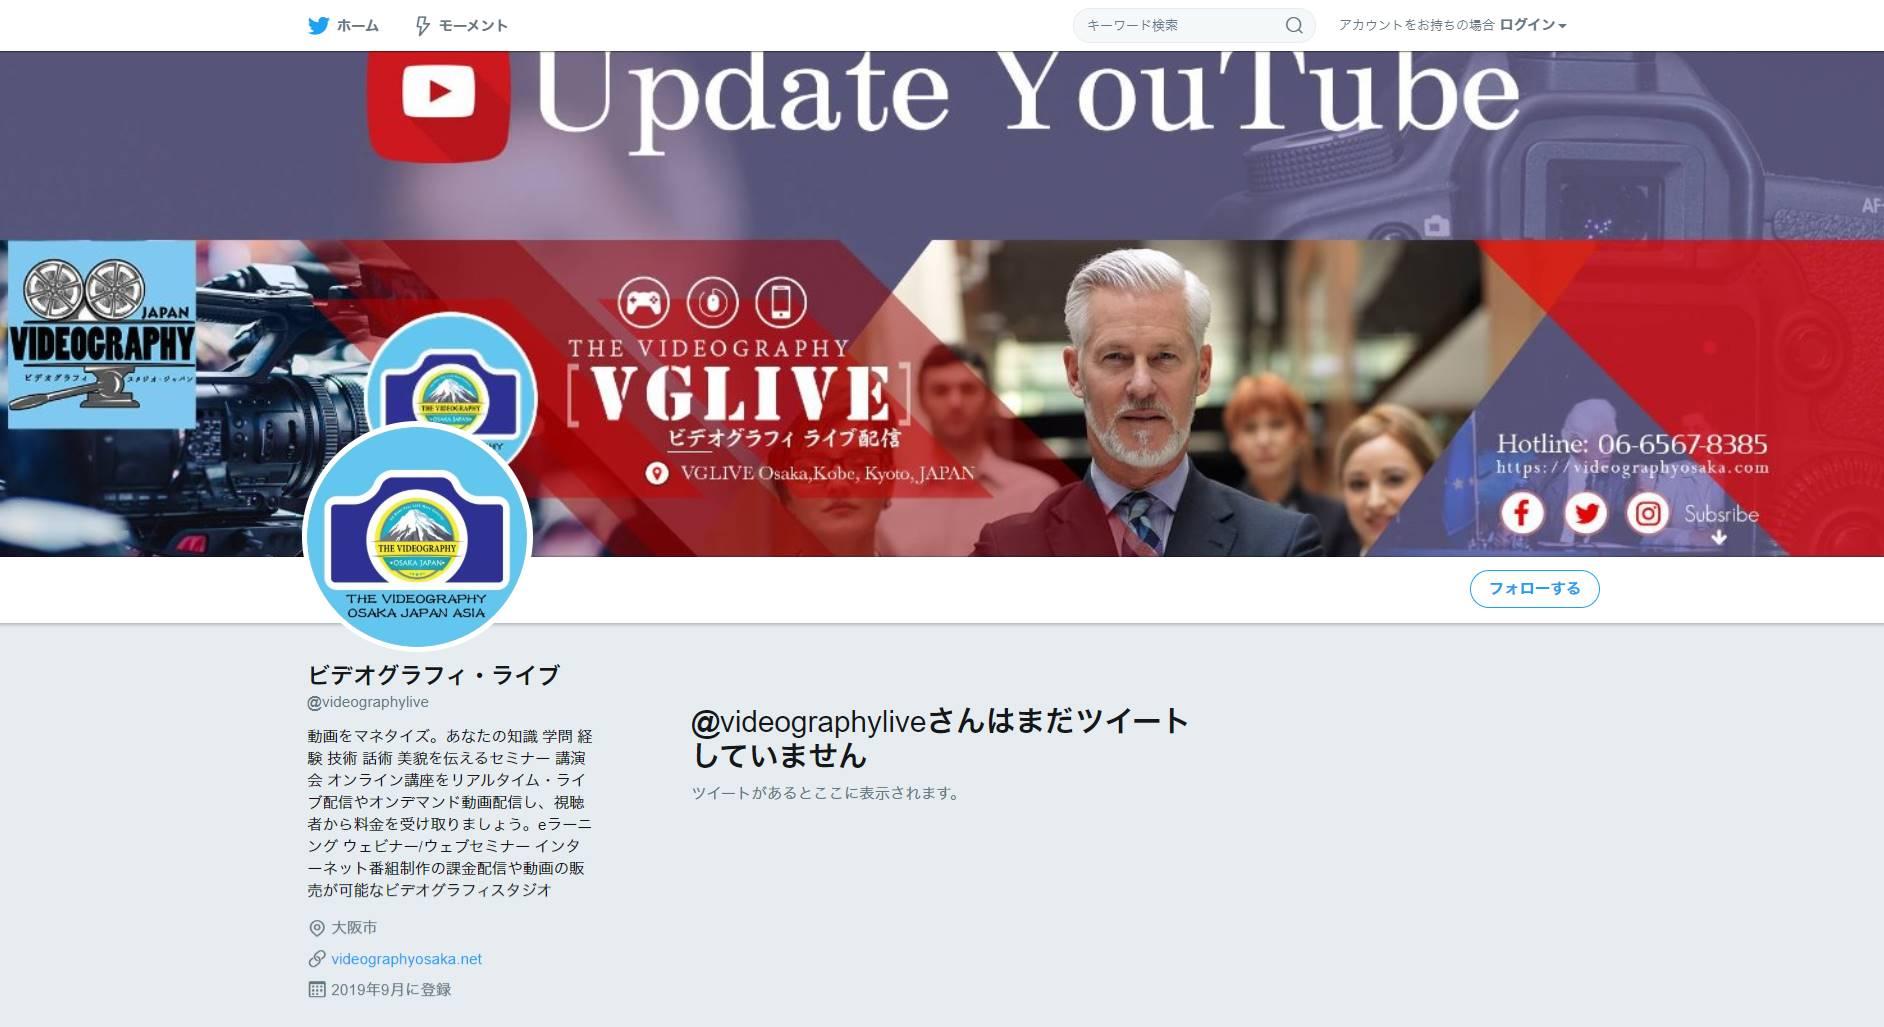 VGLIVE Twitter・ストリーミング動画配信ウェブサイト・月額課金 メンバー/ファン限定の動画配信サービス